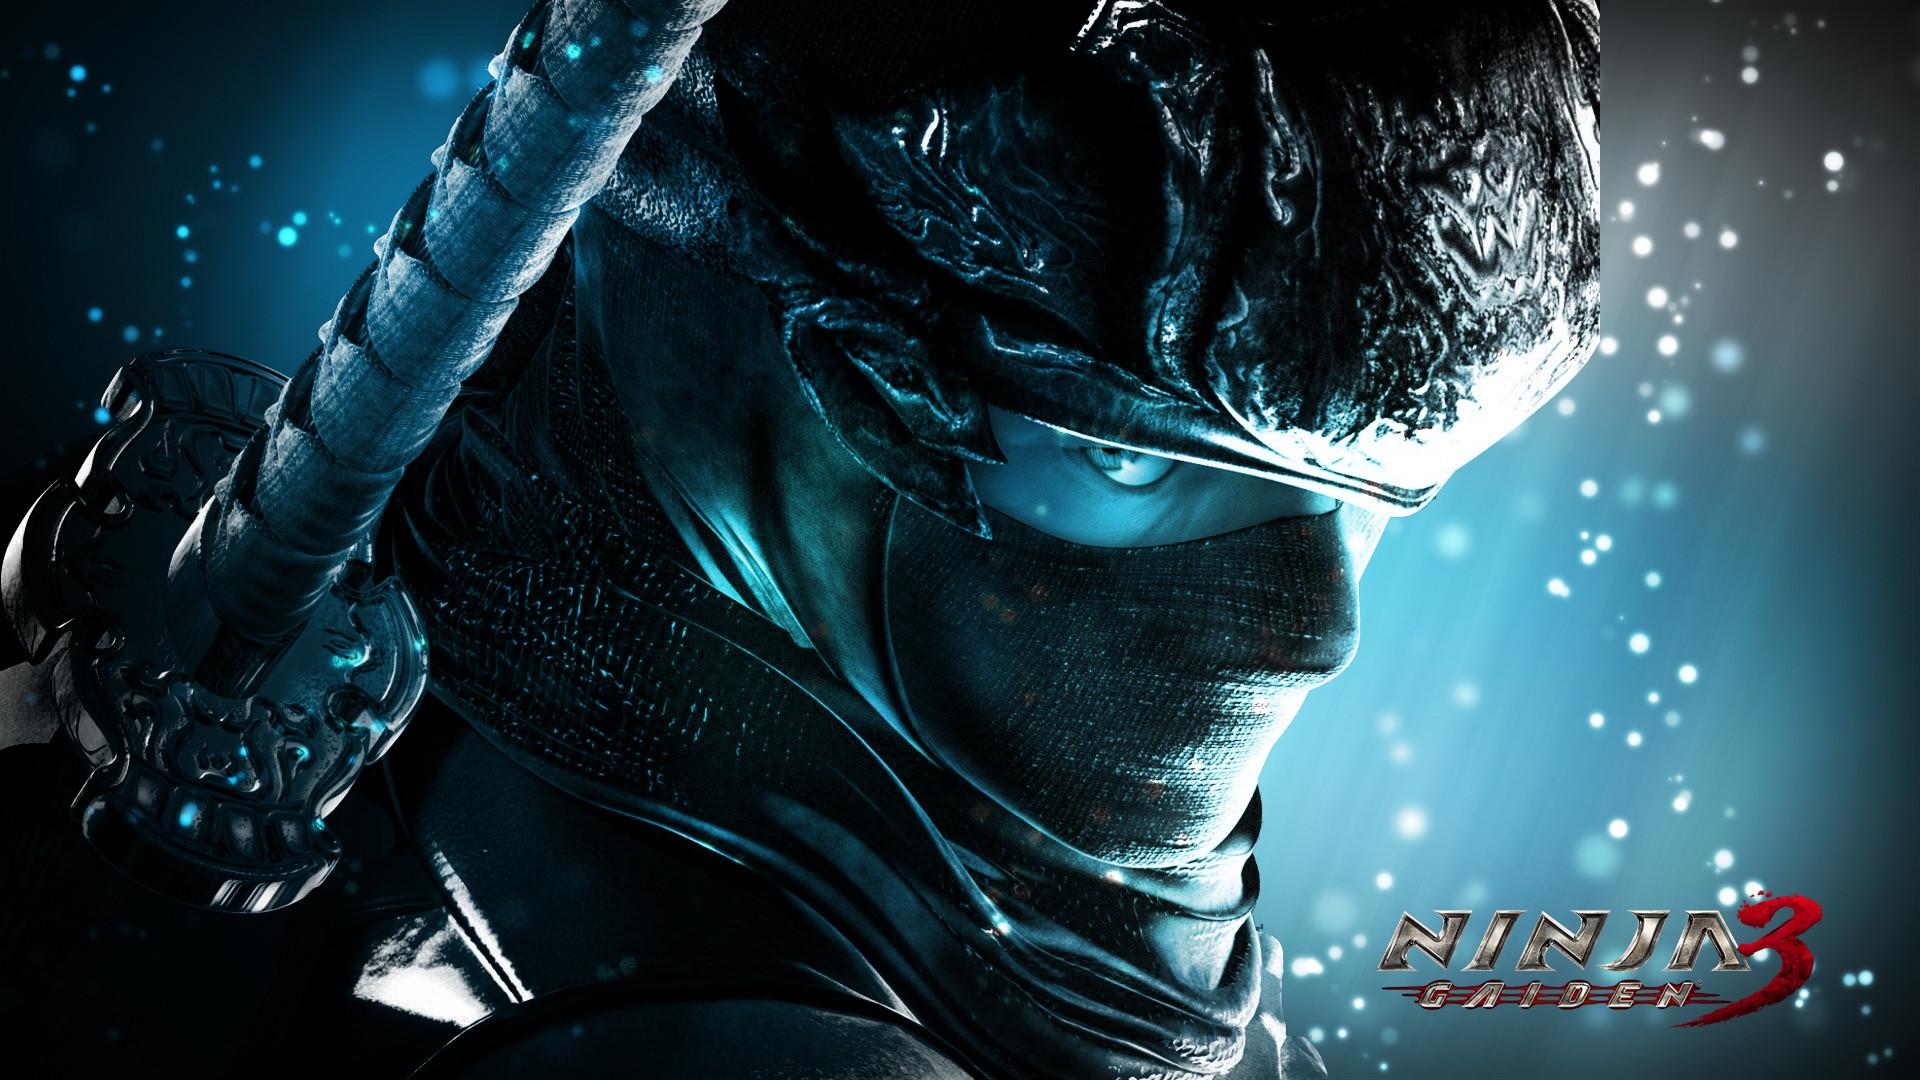 Anime Ninja Wallpaper 62 images